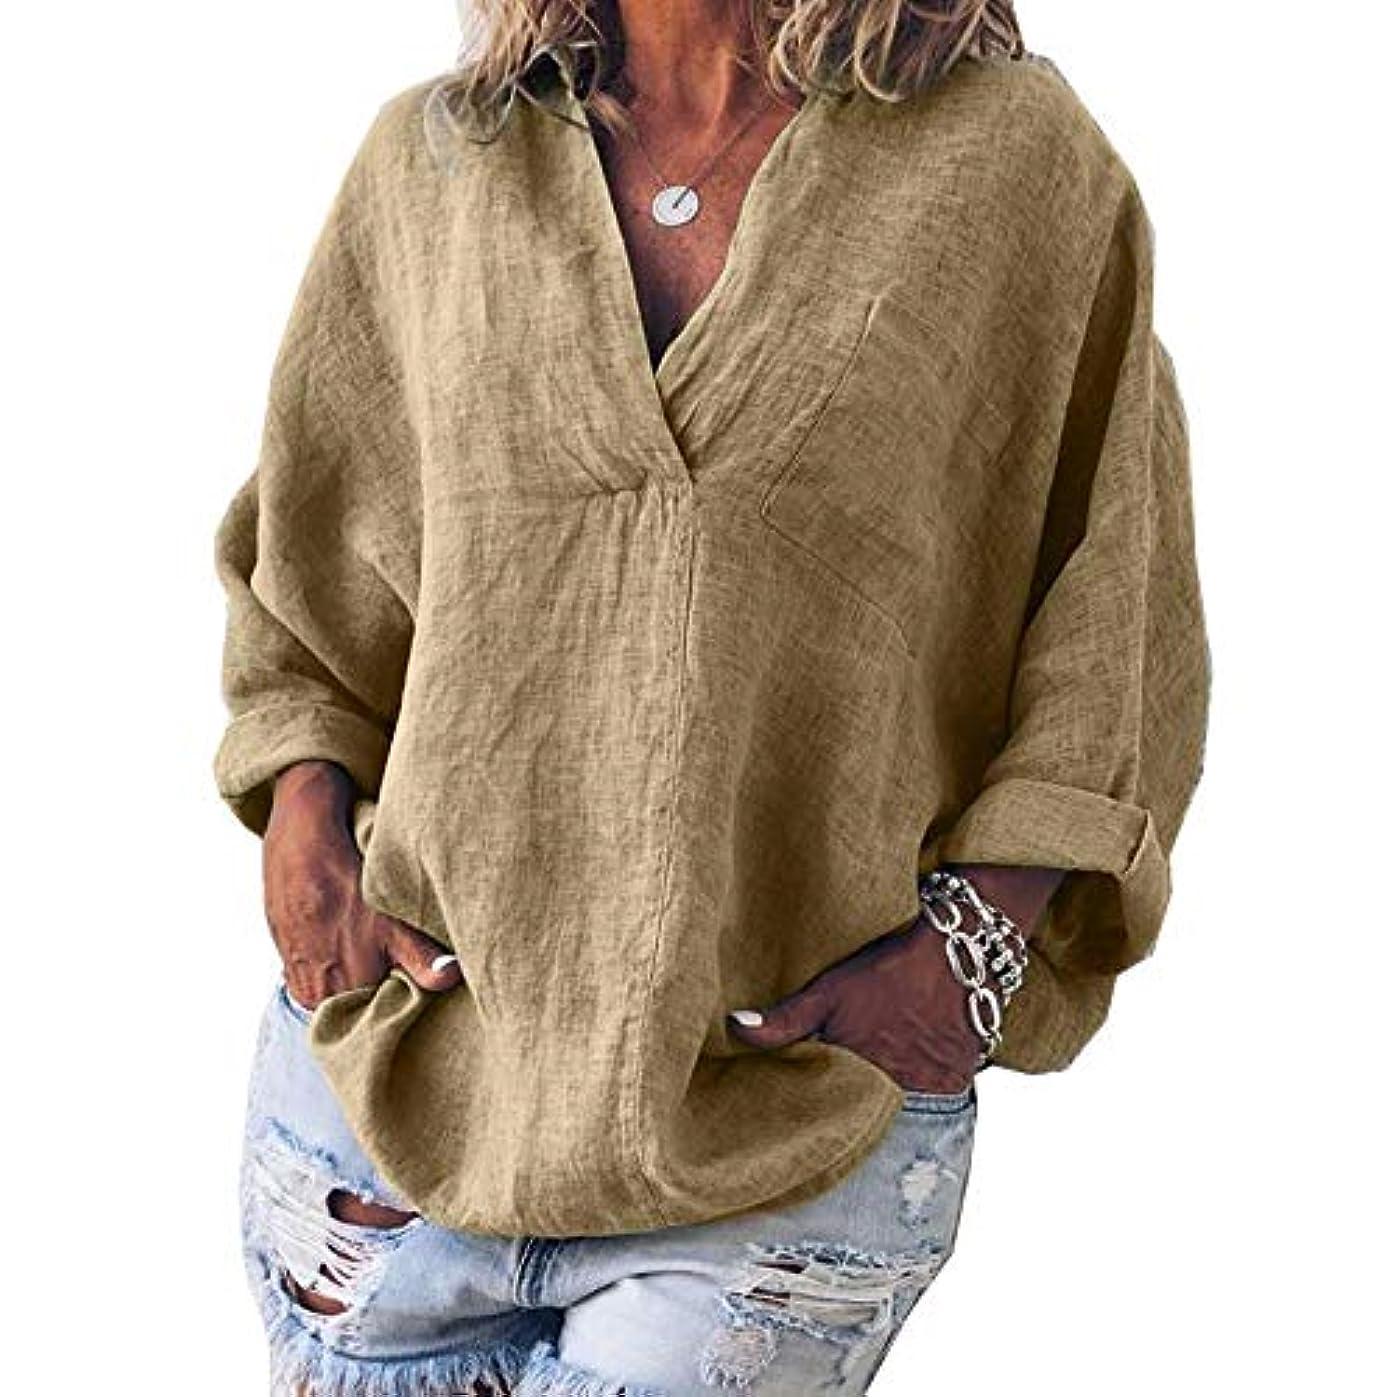 しばしばミネラル南方のMIFAN女性ファッション春夏チュニックトップス深いVネックTシャツ長袖プルオーバールーズリネンブラウス